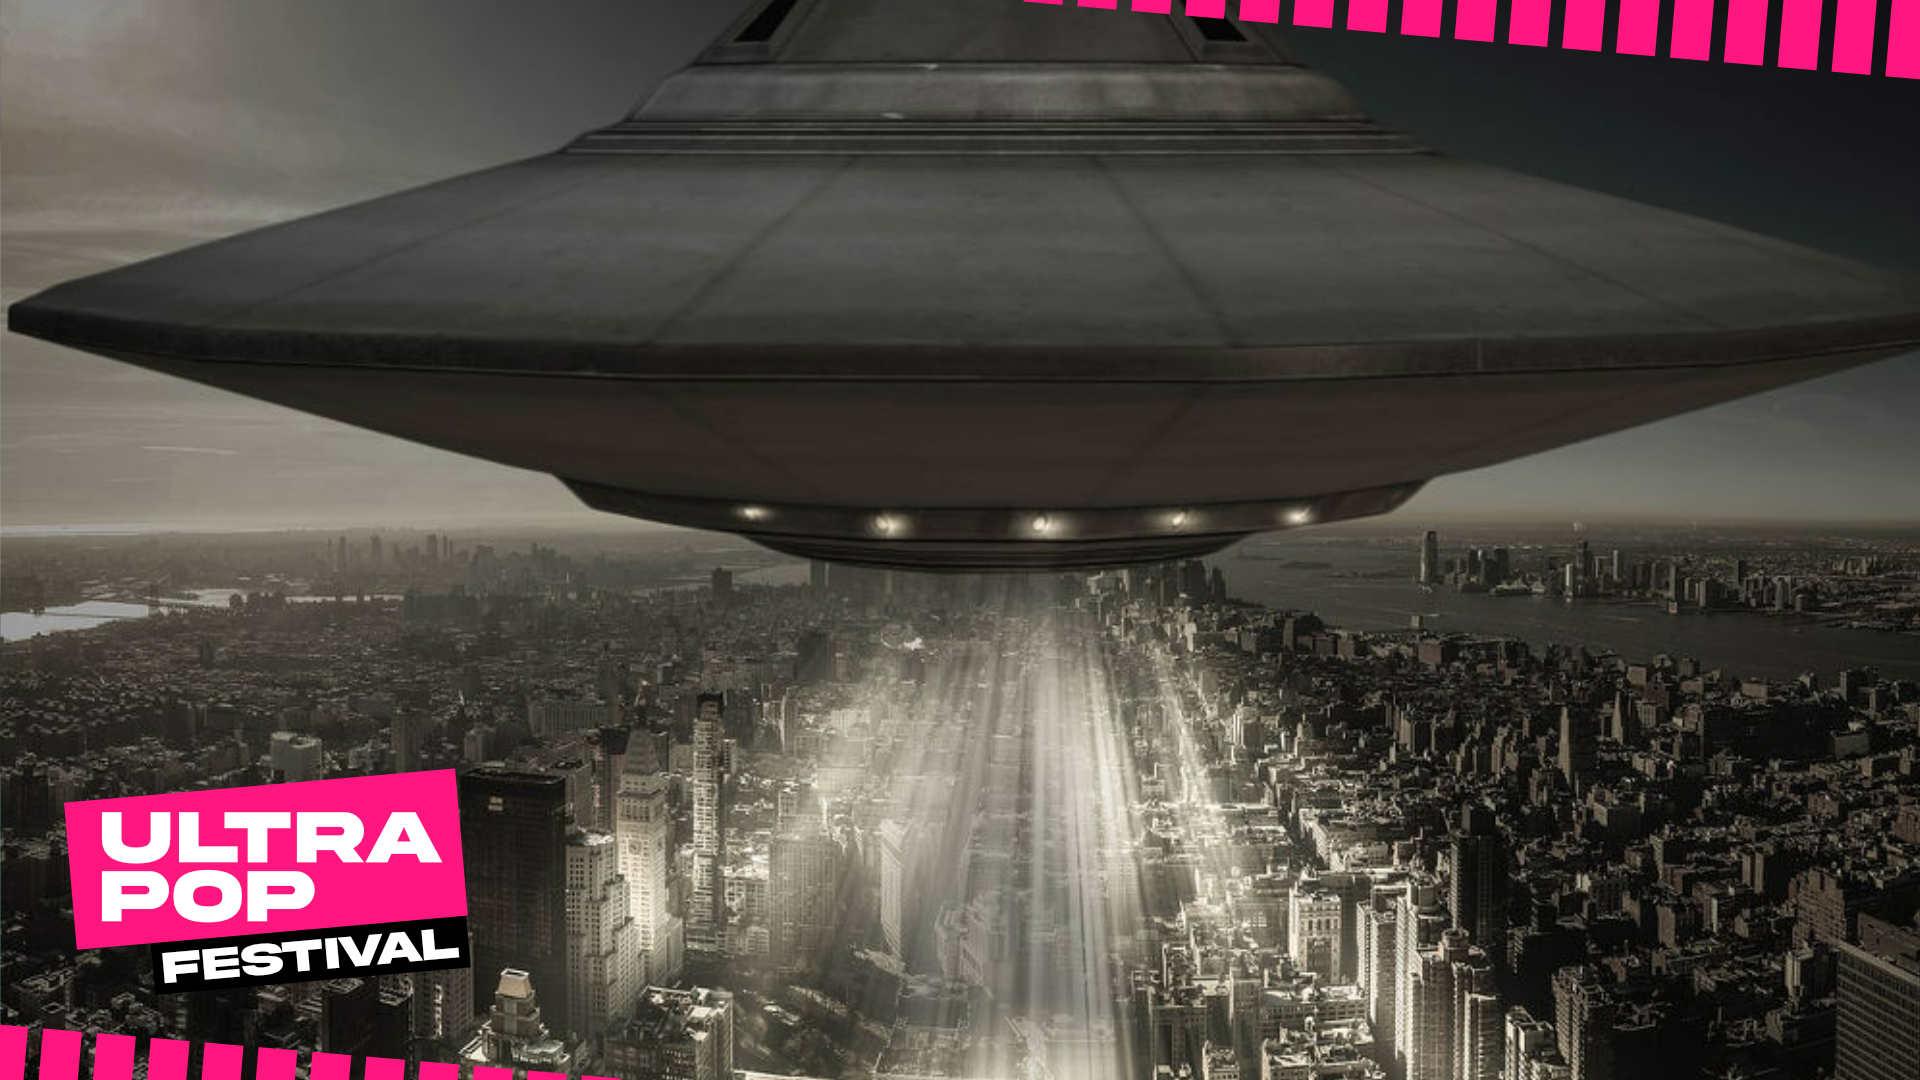 Fenomeno UFO: cosa sappiamo veramente ad oggi? - UltraPop Festival 2020